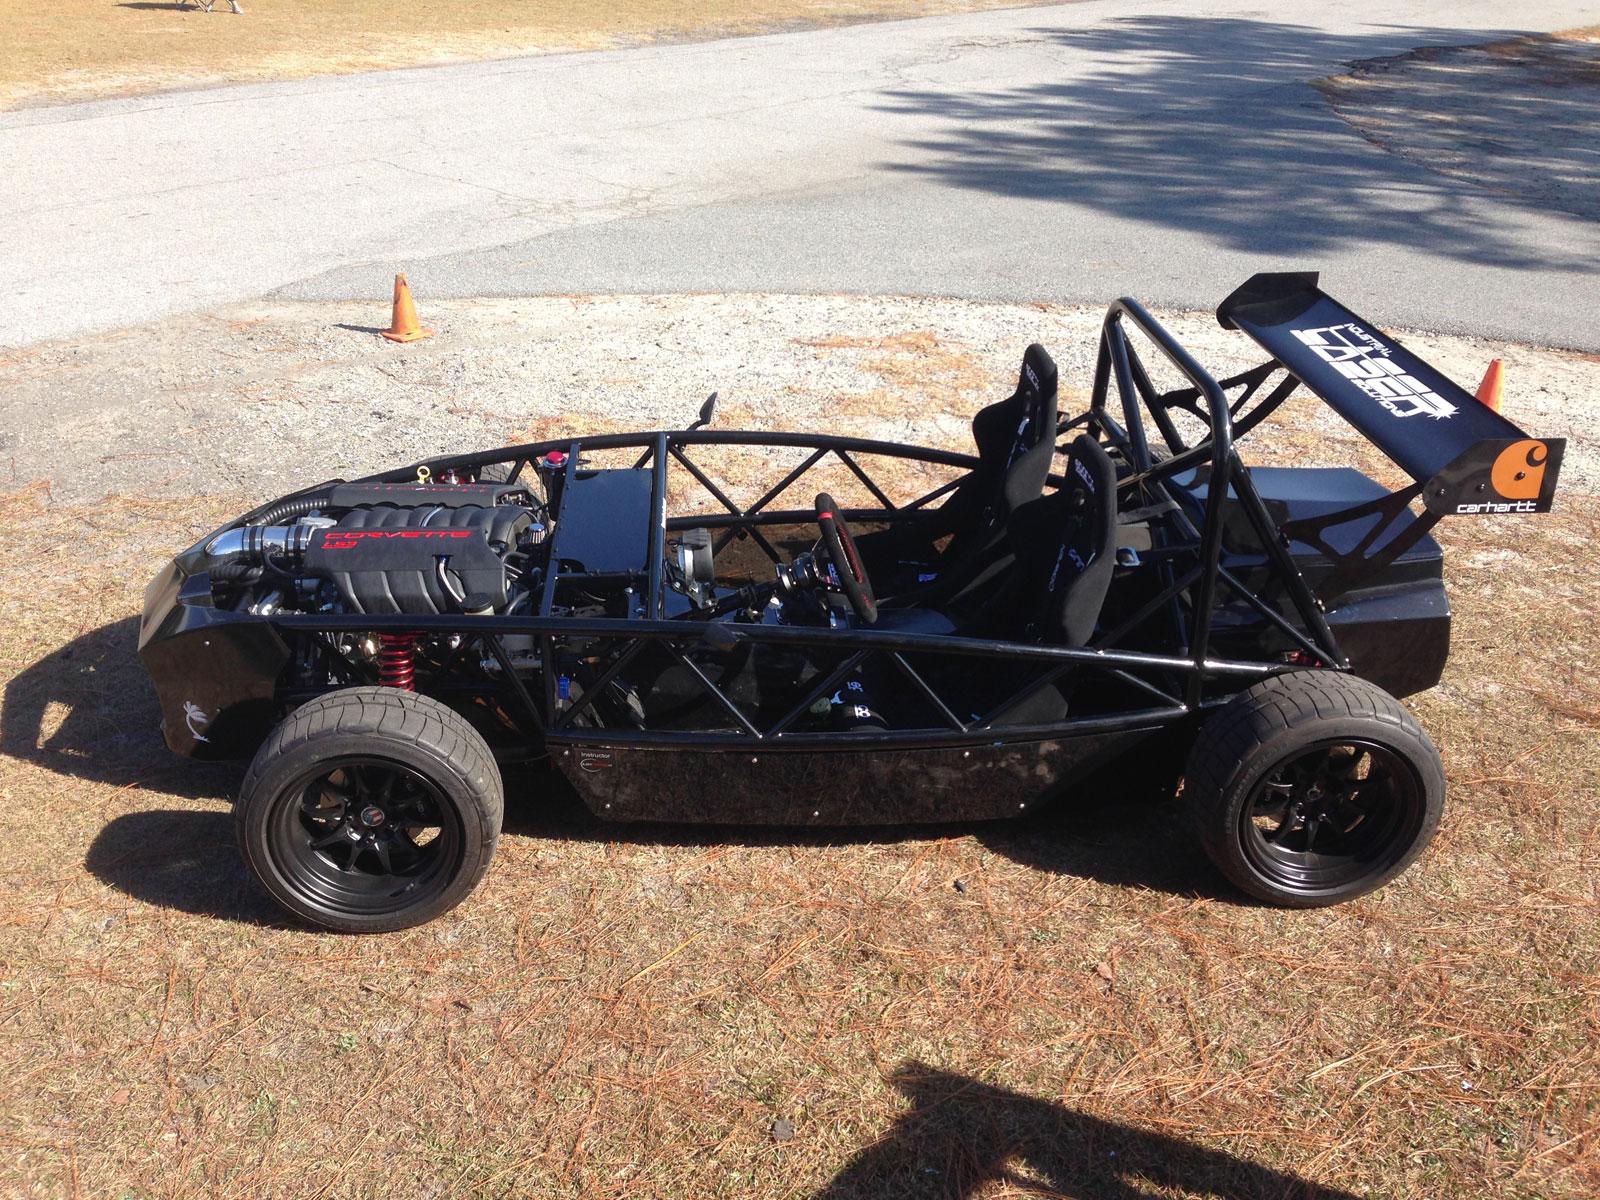 Exomotive - US Manufacturer of Exocars & Kit Cars ...